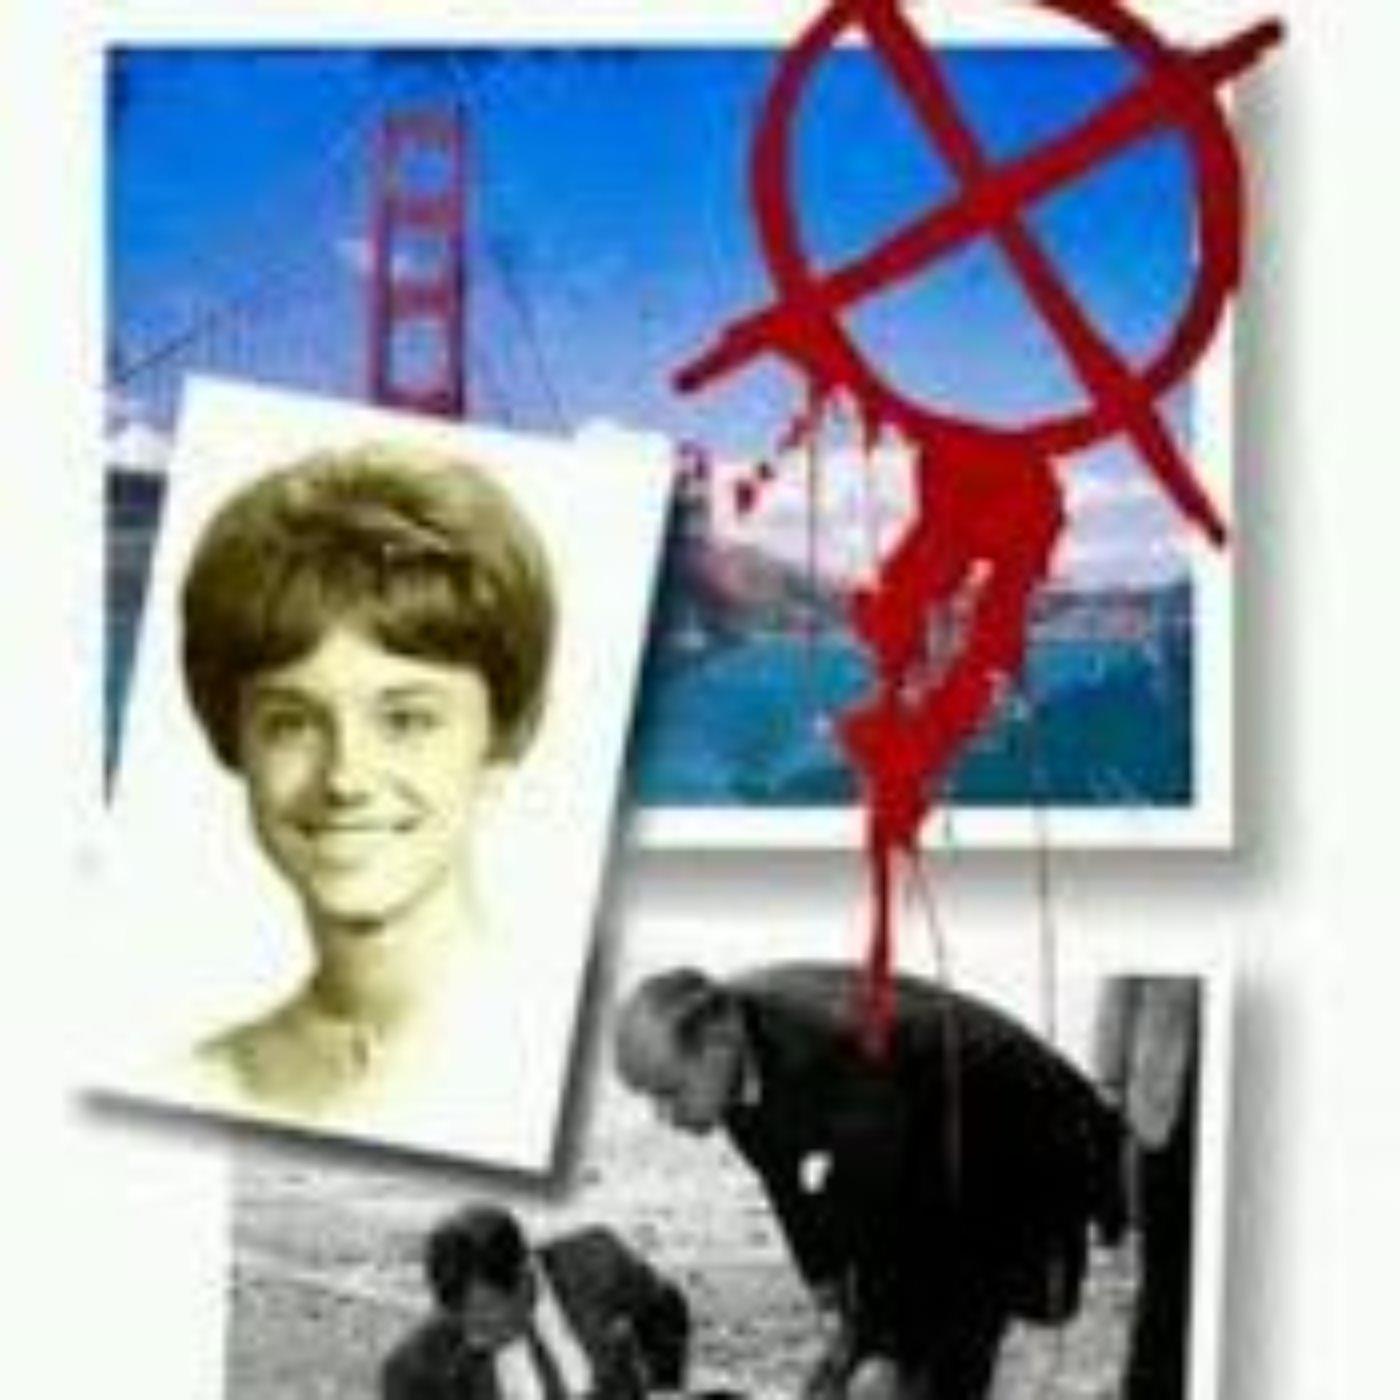 ZODIAC KILLER ROUNDTABLE - CHERI JO BATES